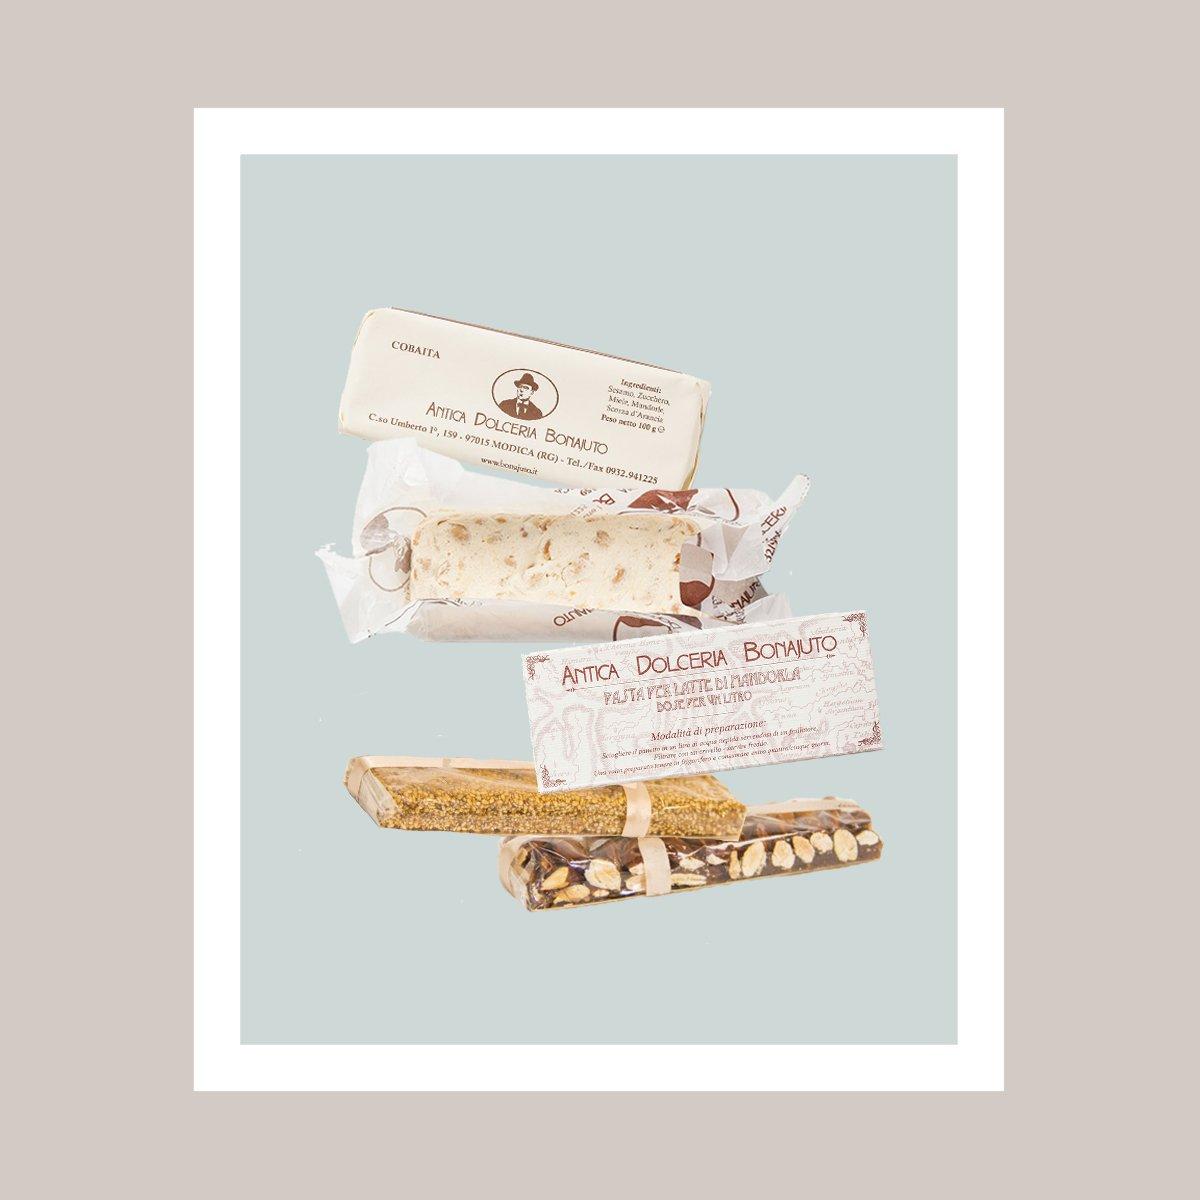 torroni-croccante-cobaita-barrette